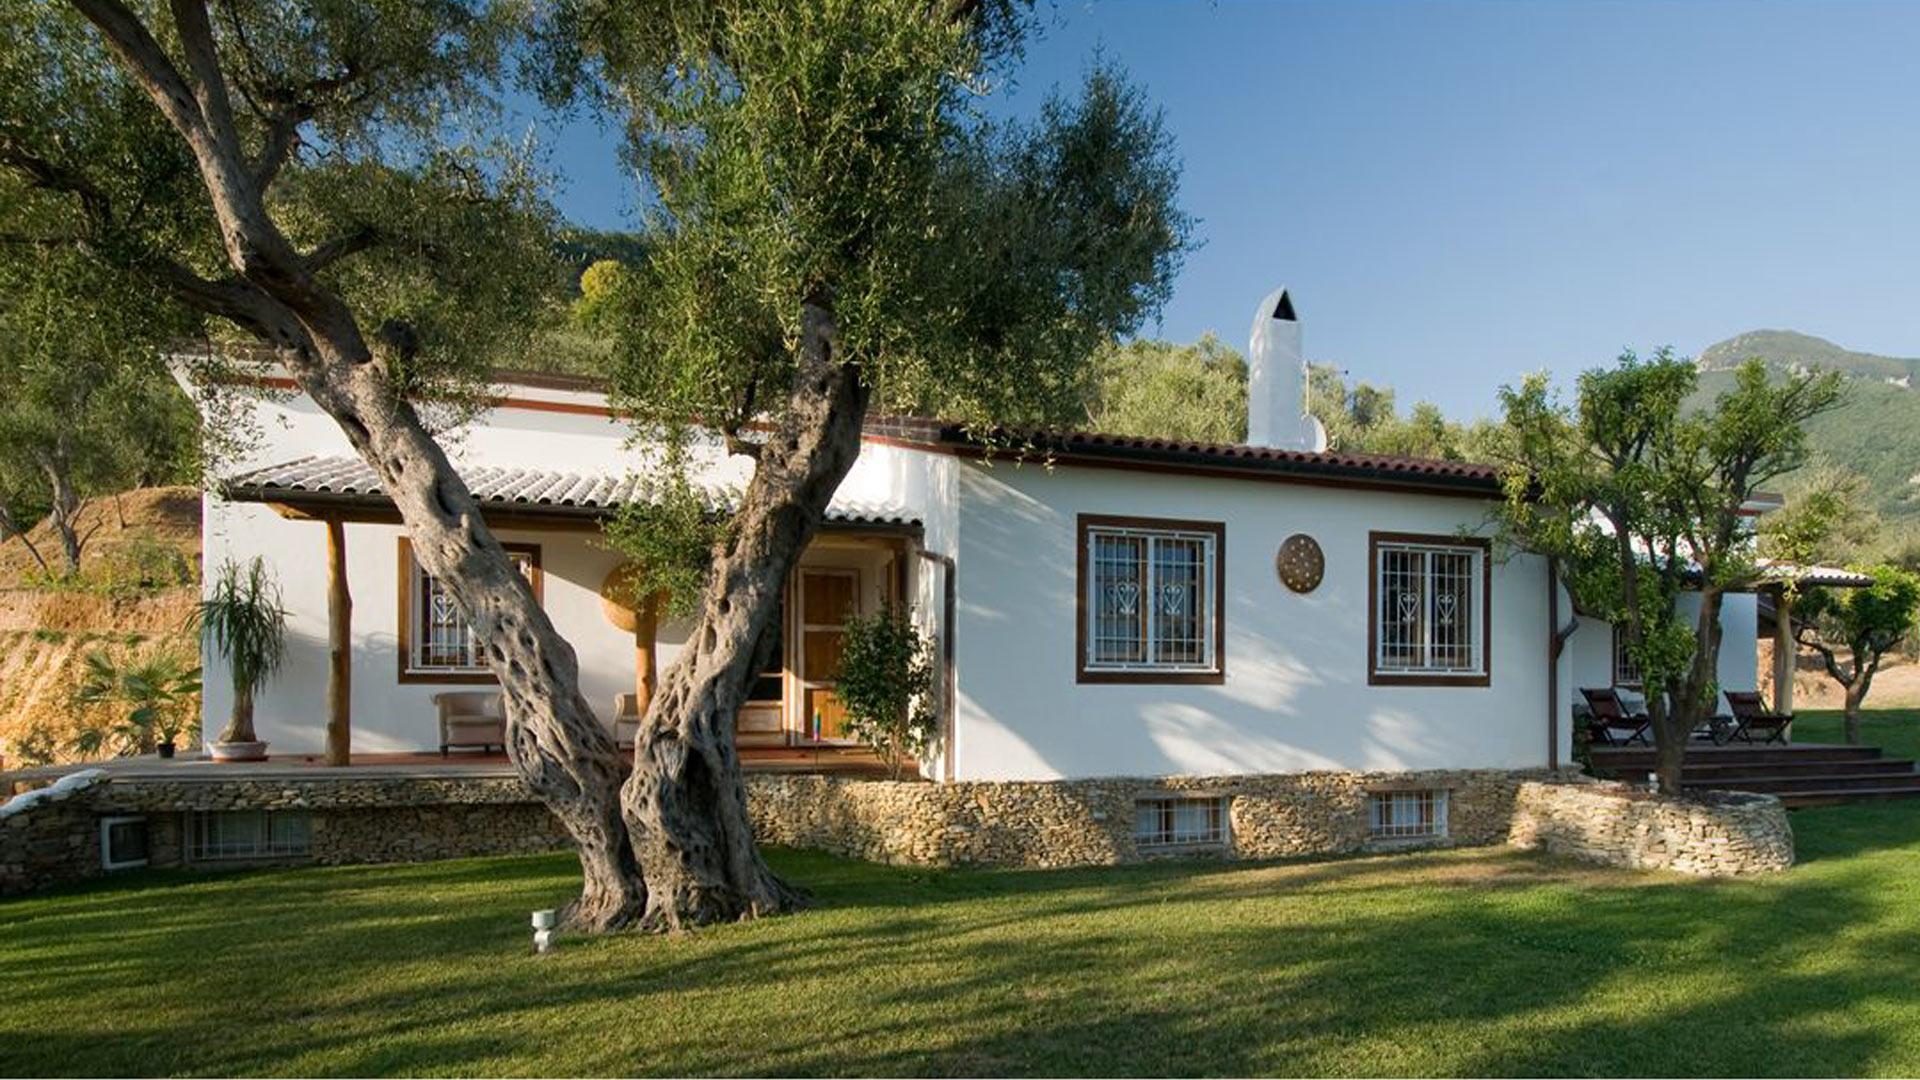 Casa pippo alquiler de casa en toscana costa toscana for Piani casa villa toscana